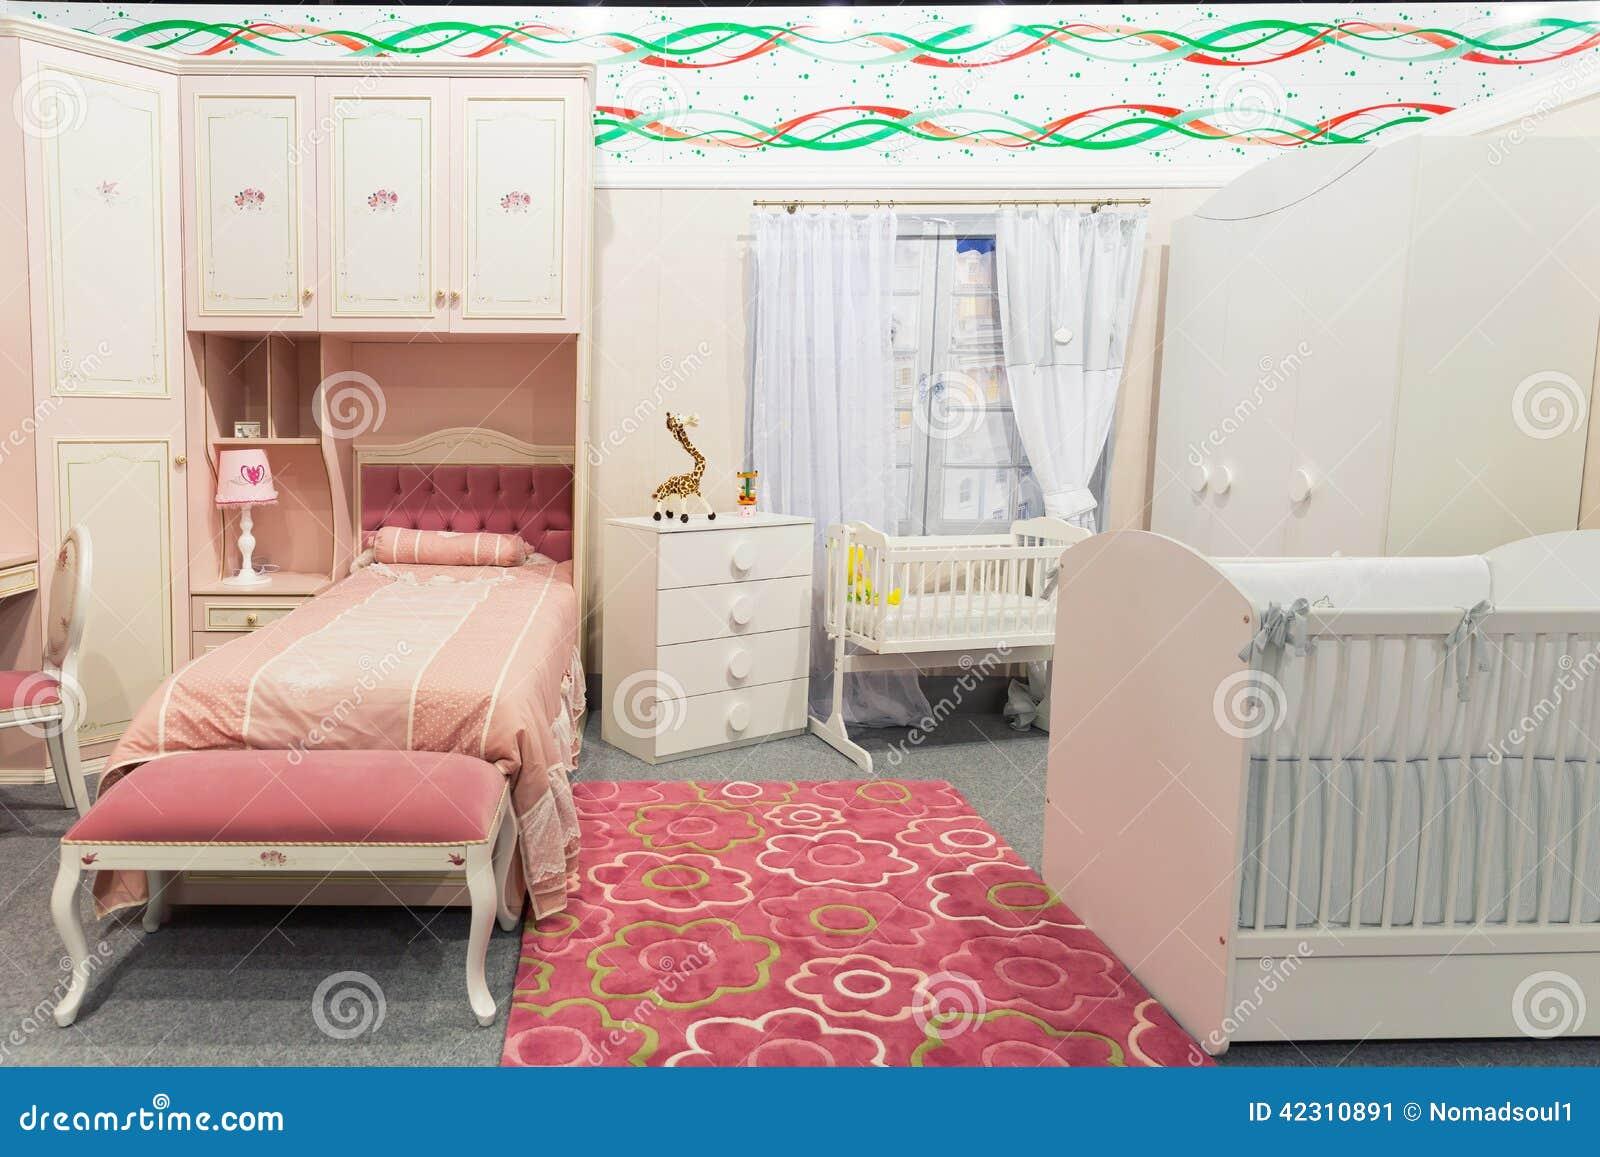 Das Schlafzimmer Des Babys In Den Pastellfarben Stockbild Bild Von